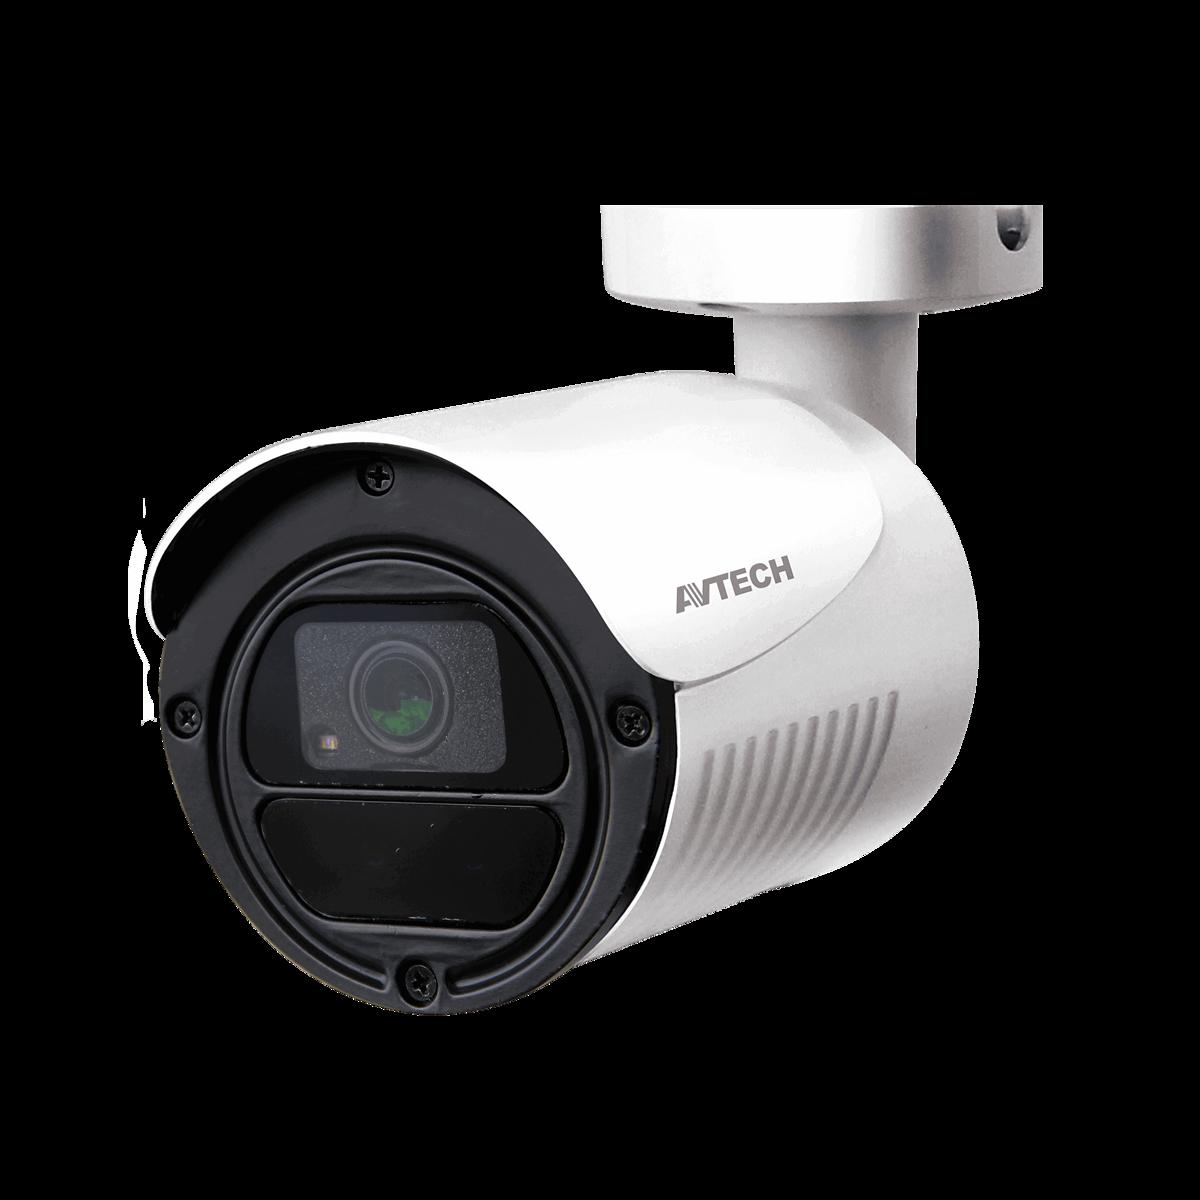 AVTECH DGM1105 - liten och enkel IP-kamera